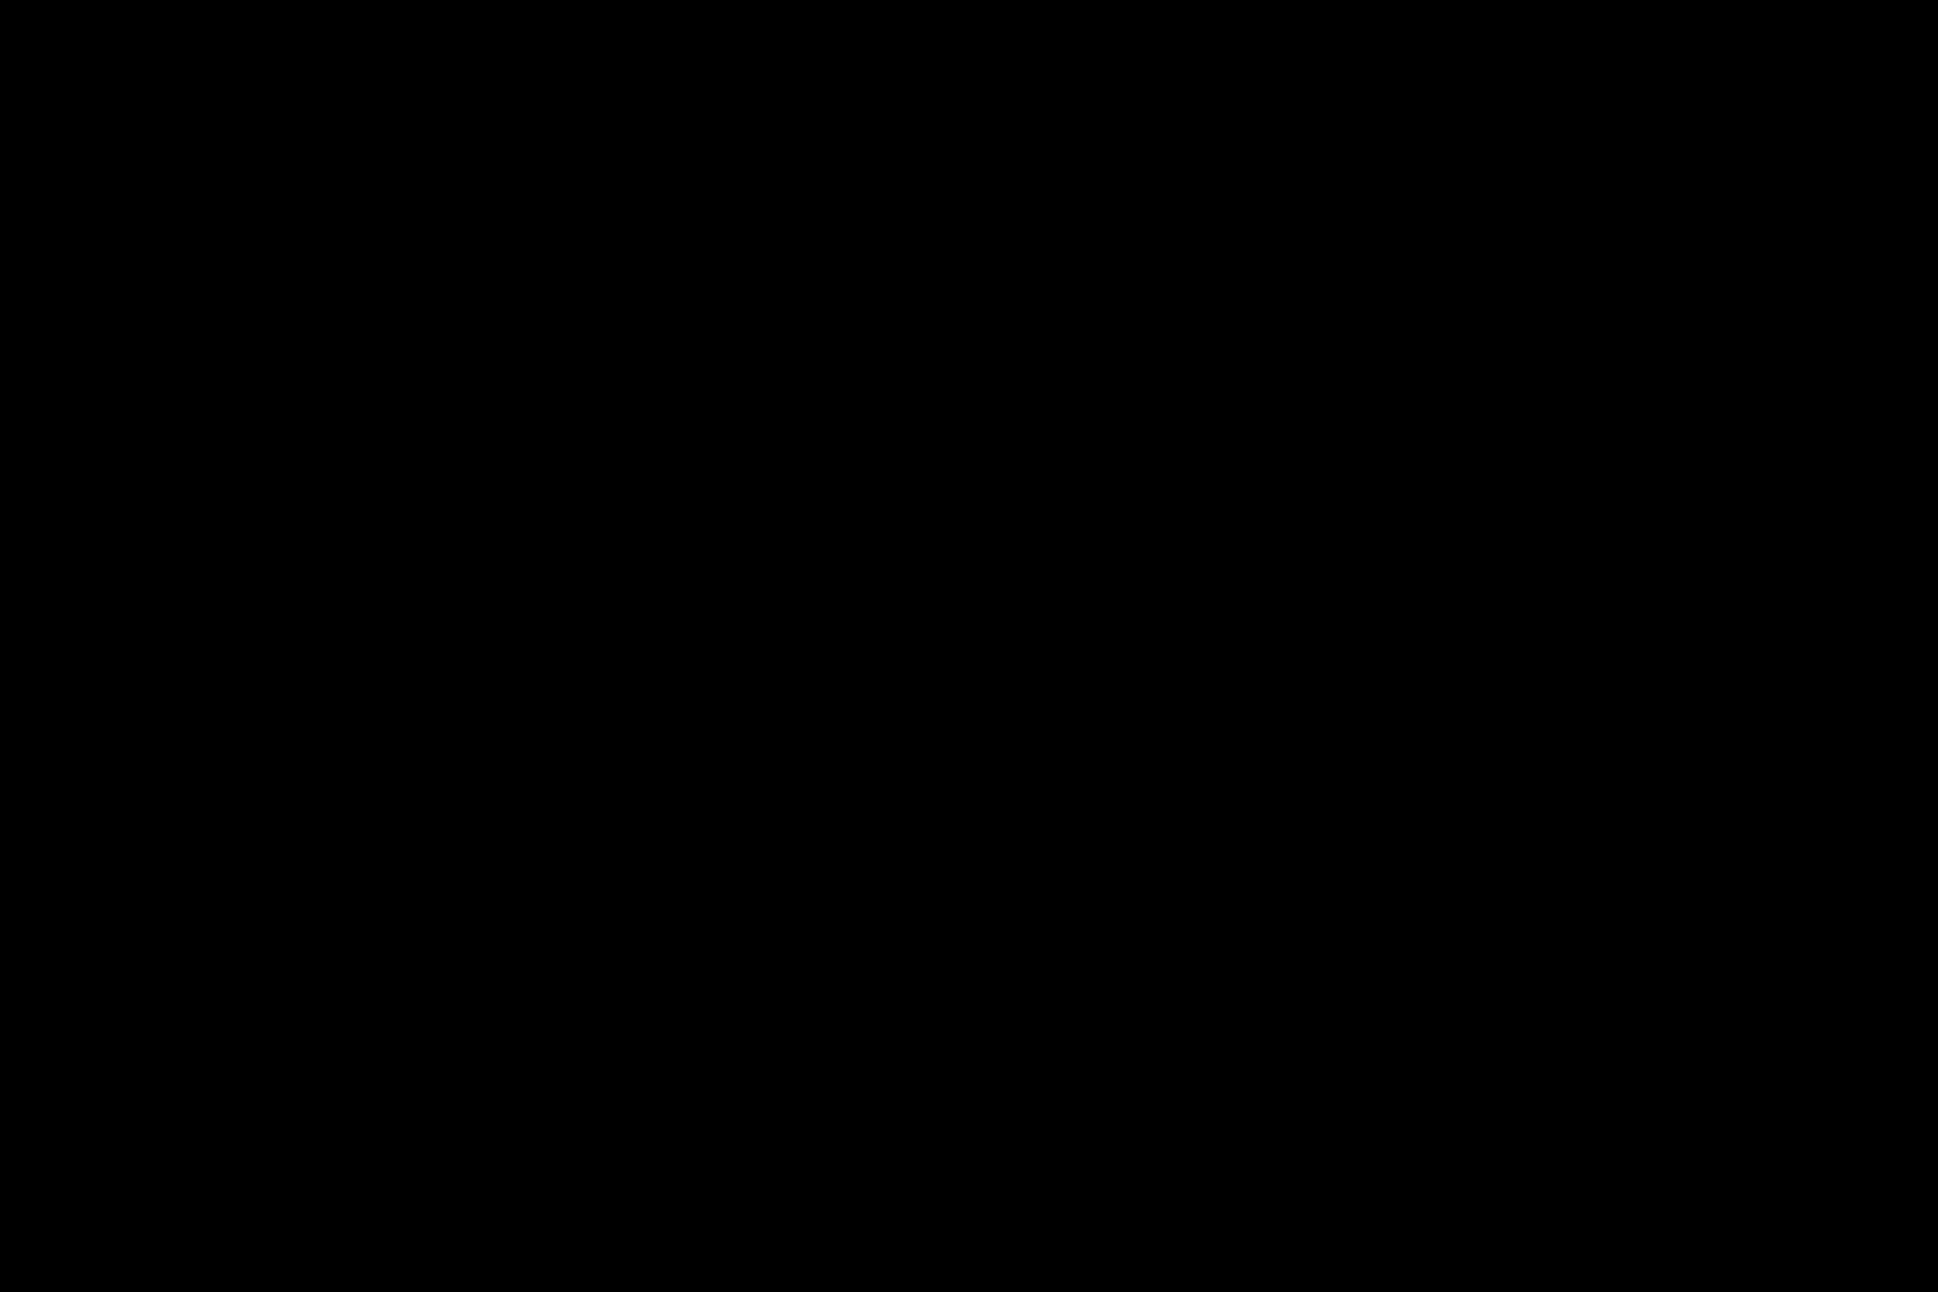 i69a0411